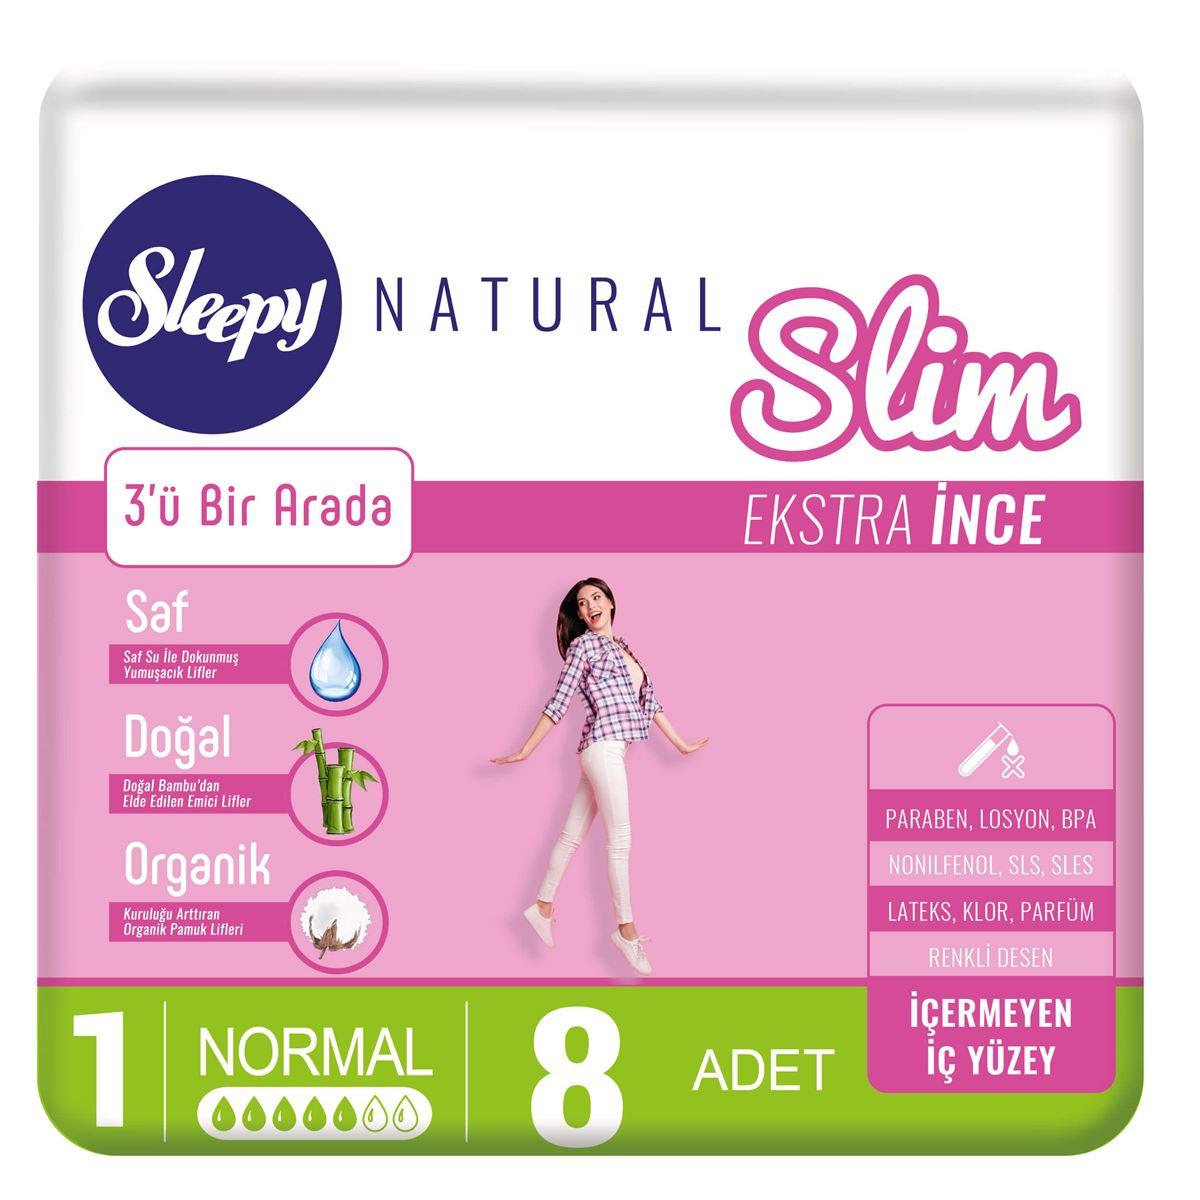 Sleepy Natural Slim Ekstra İnce Normal (8 Ped)